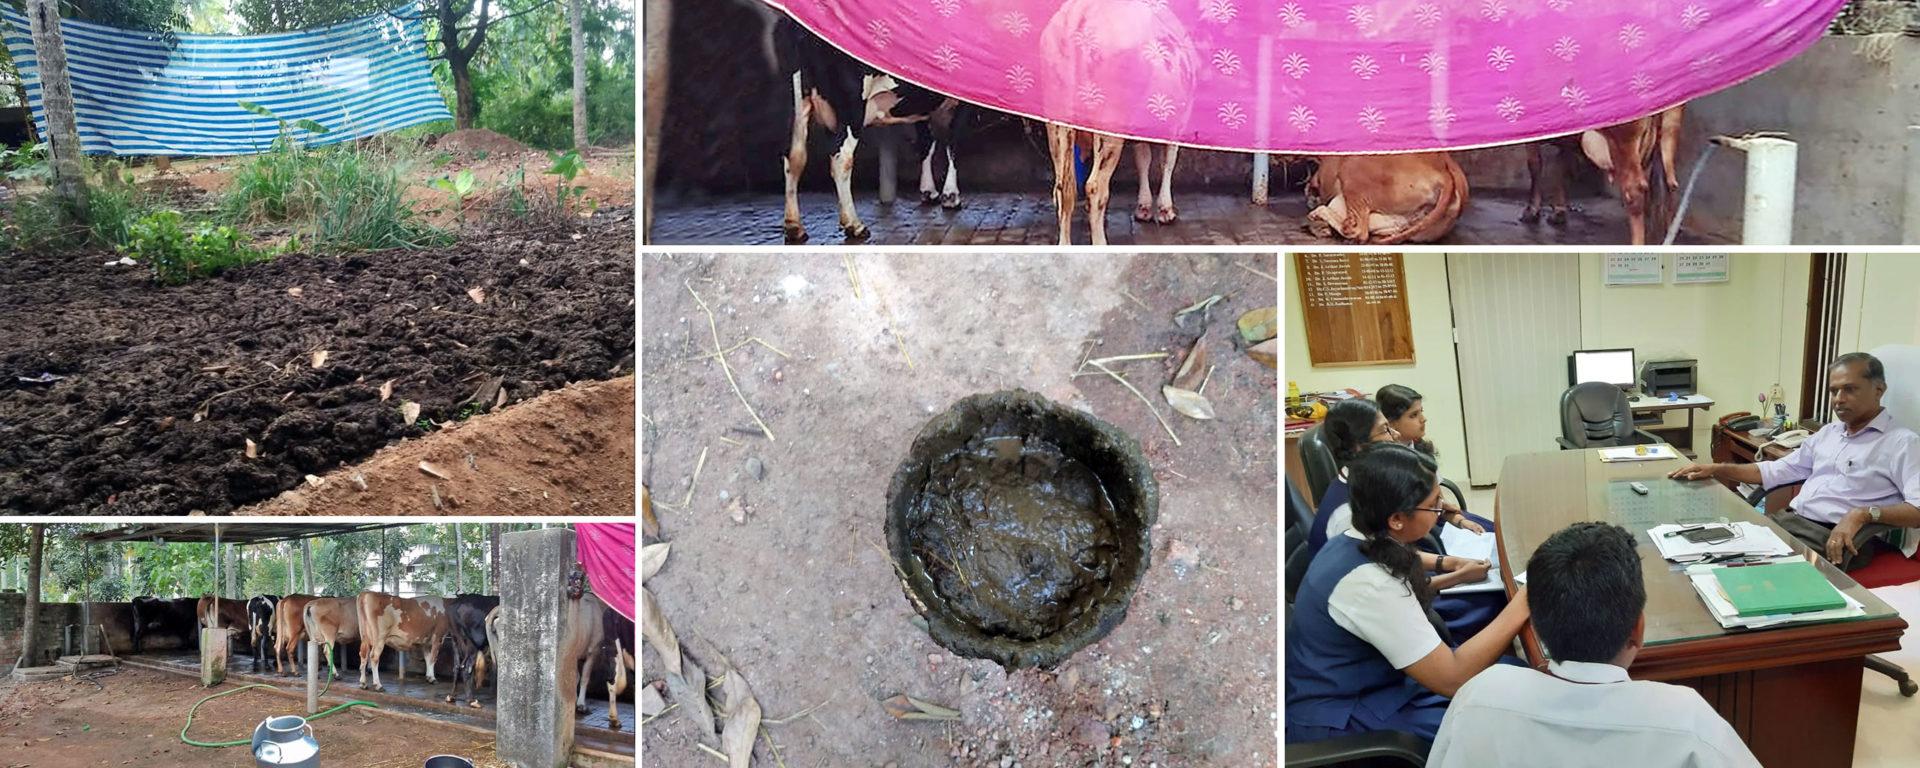 organic farming in Kerala, India